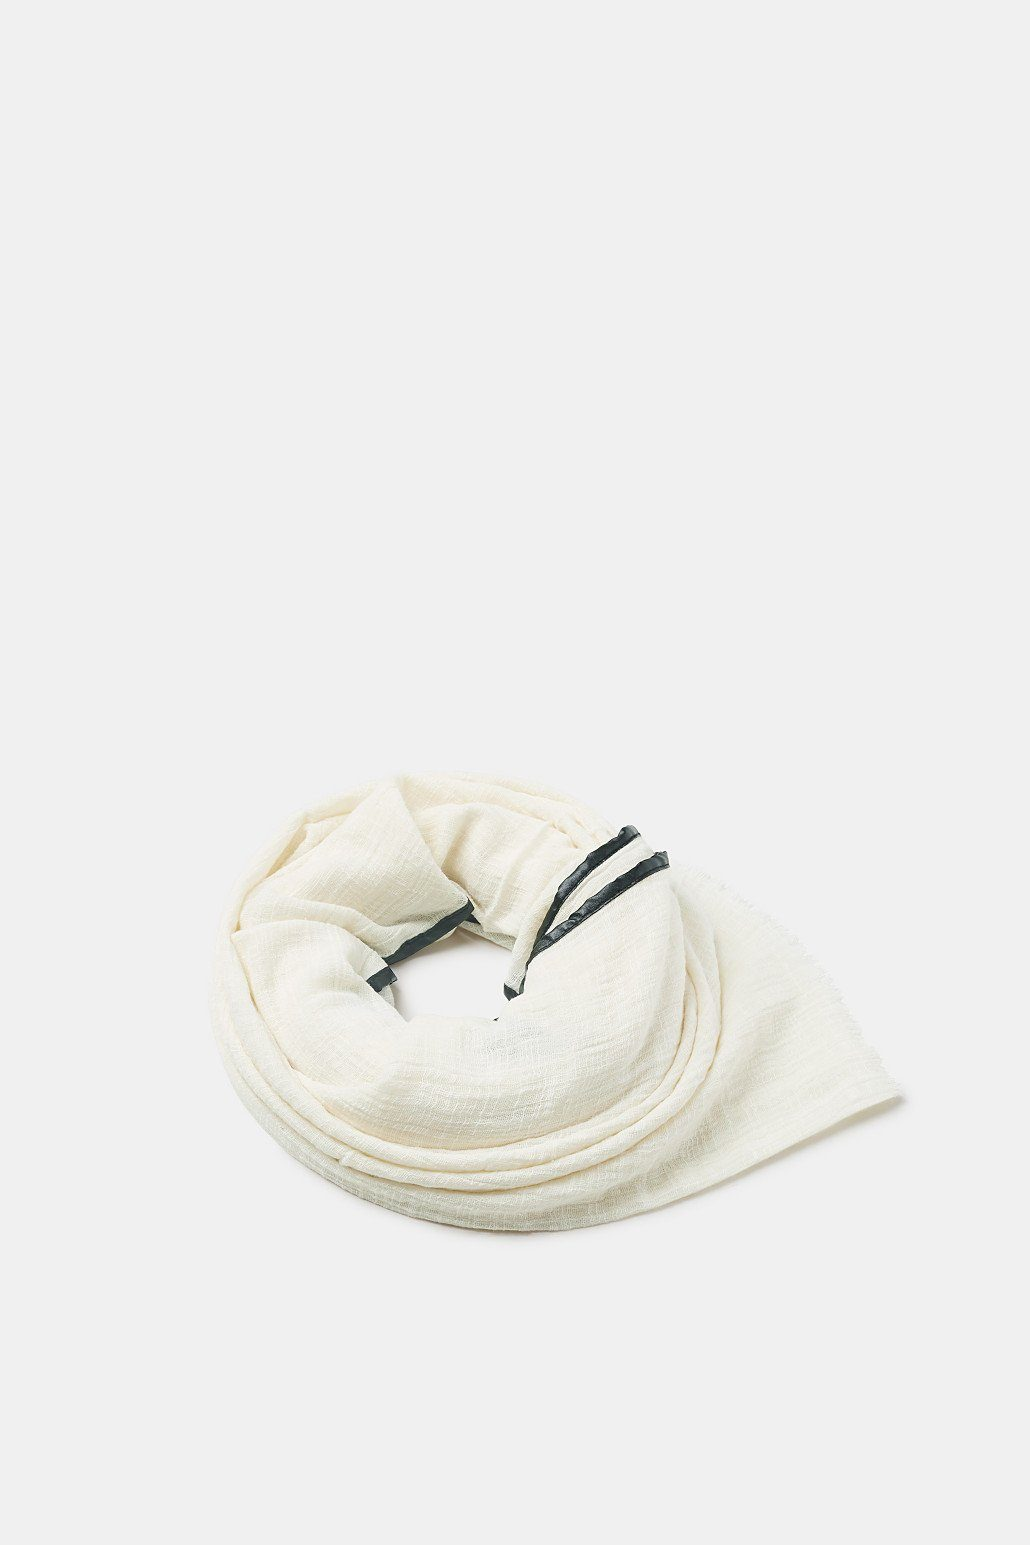 ESPRIT Strukturierter Baumwoll-Schal